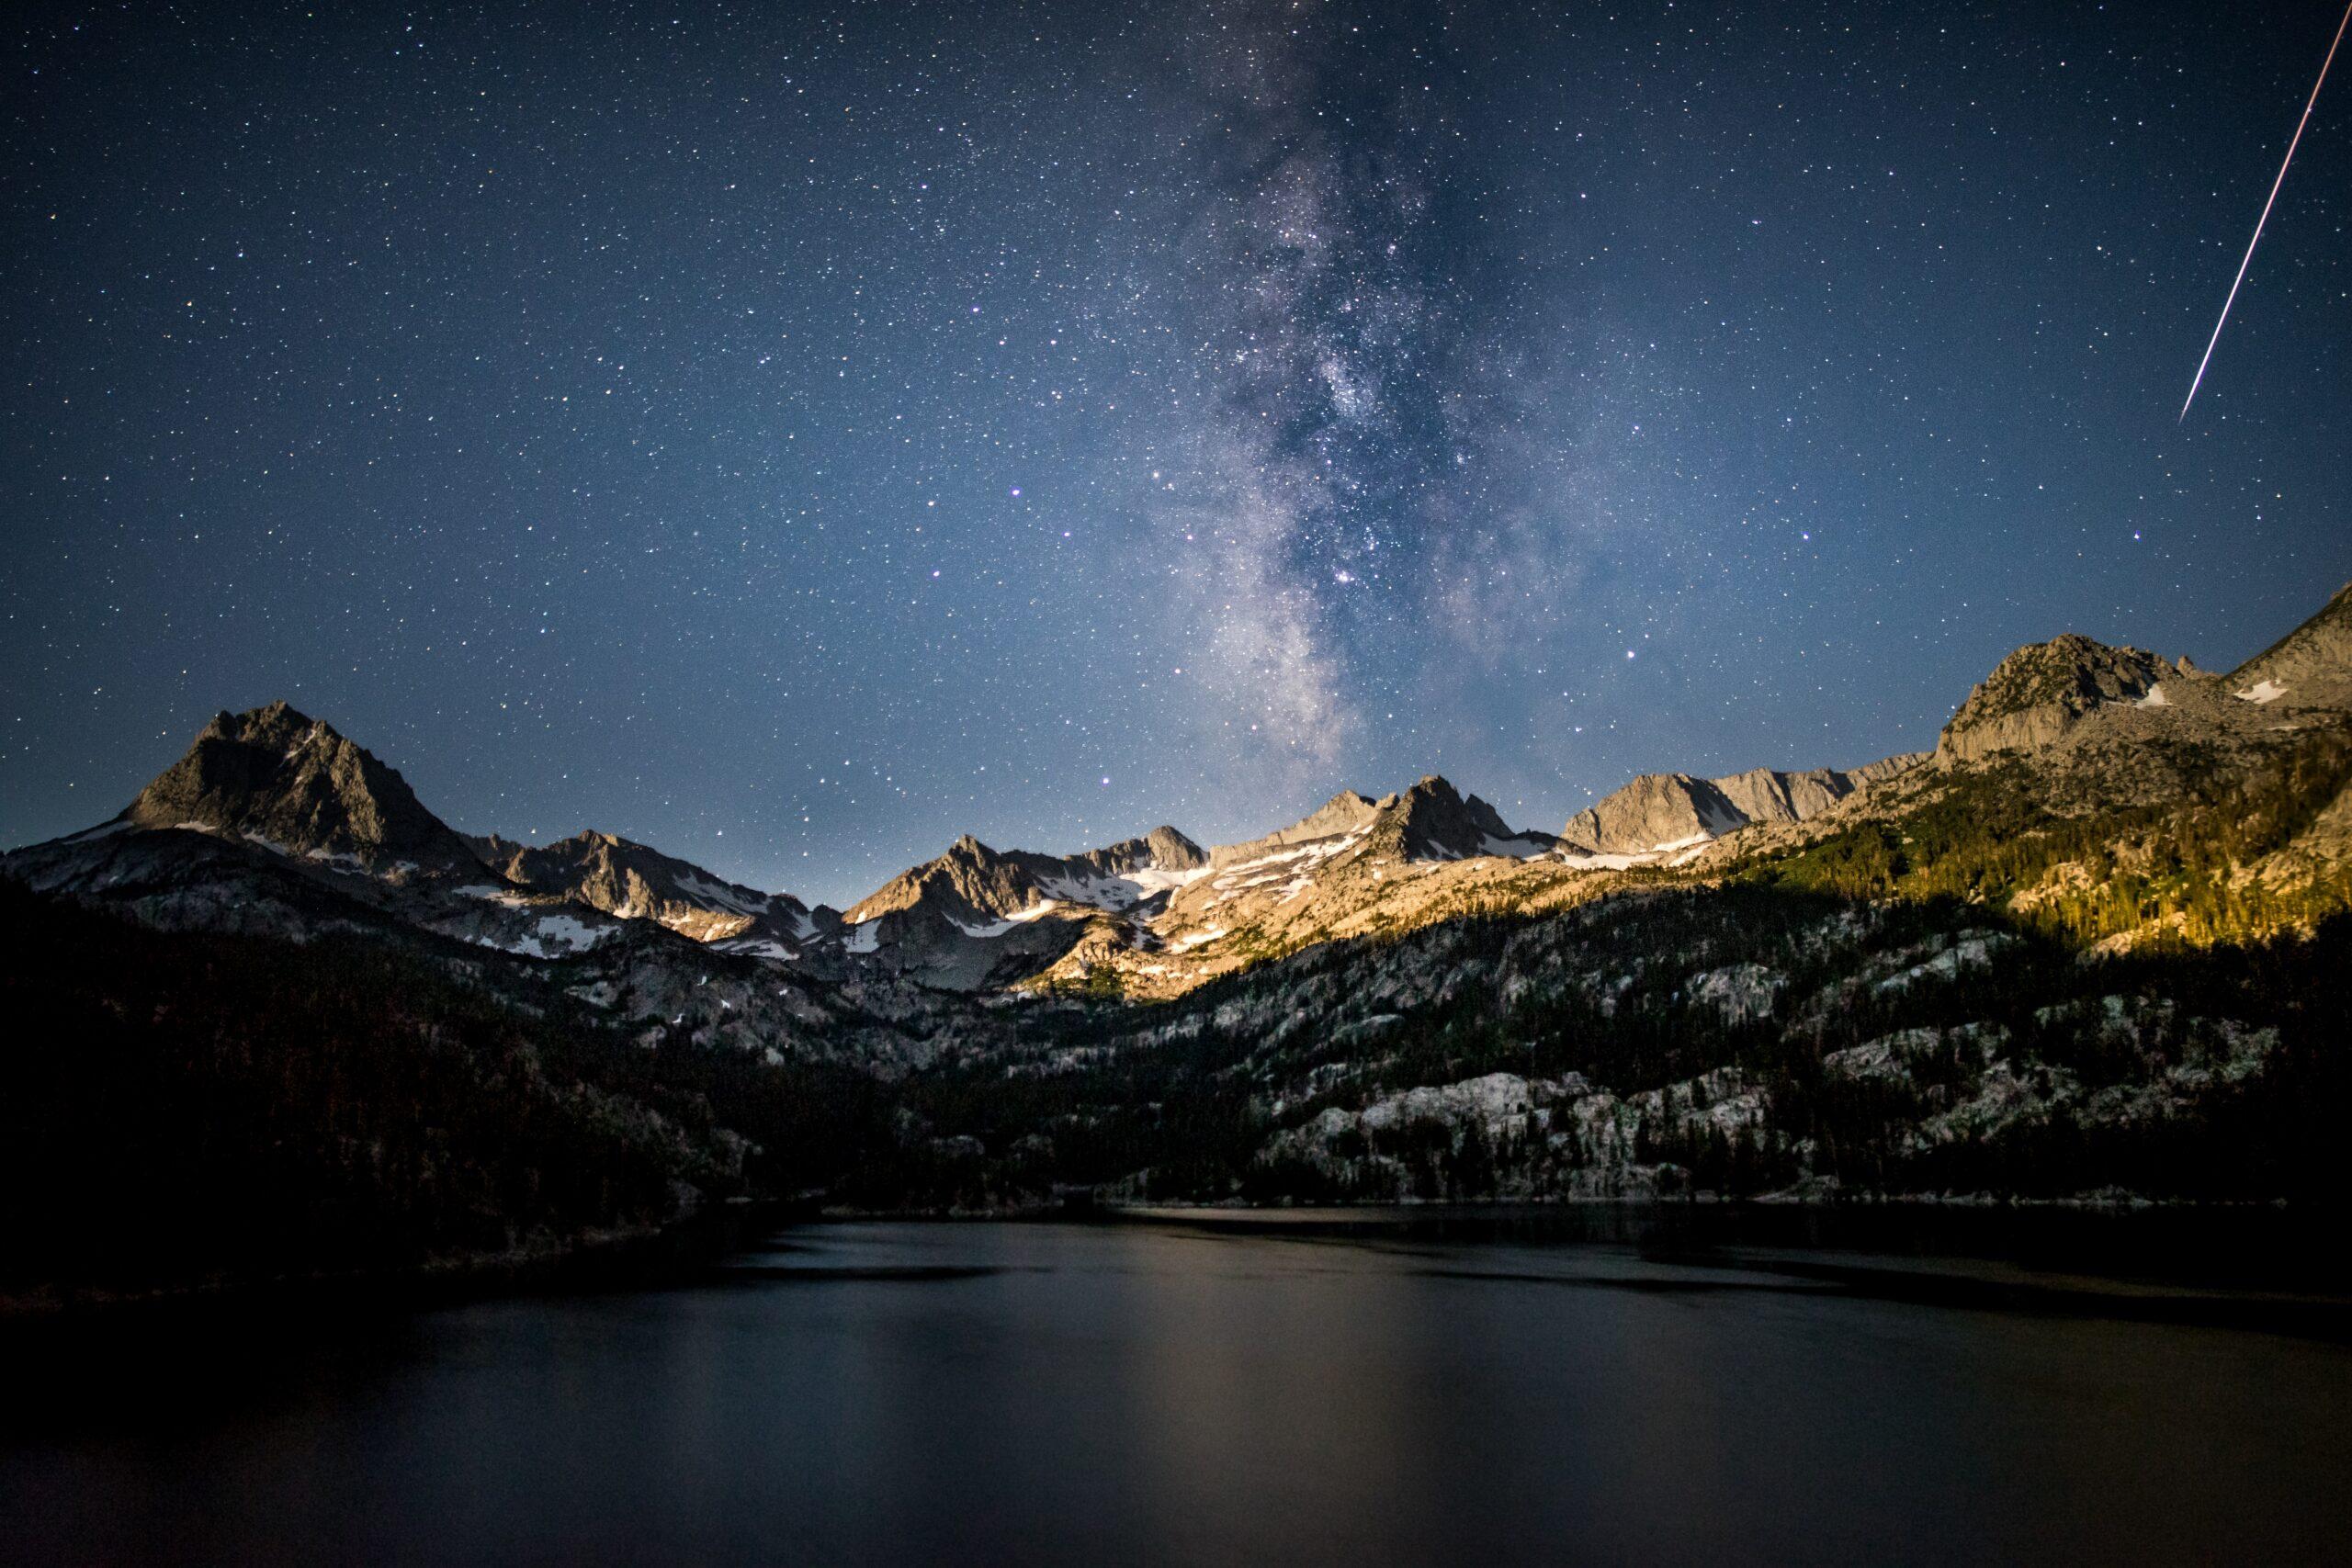 Fotos noturnas incríveis com 5 dicas simples